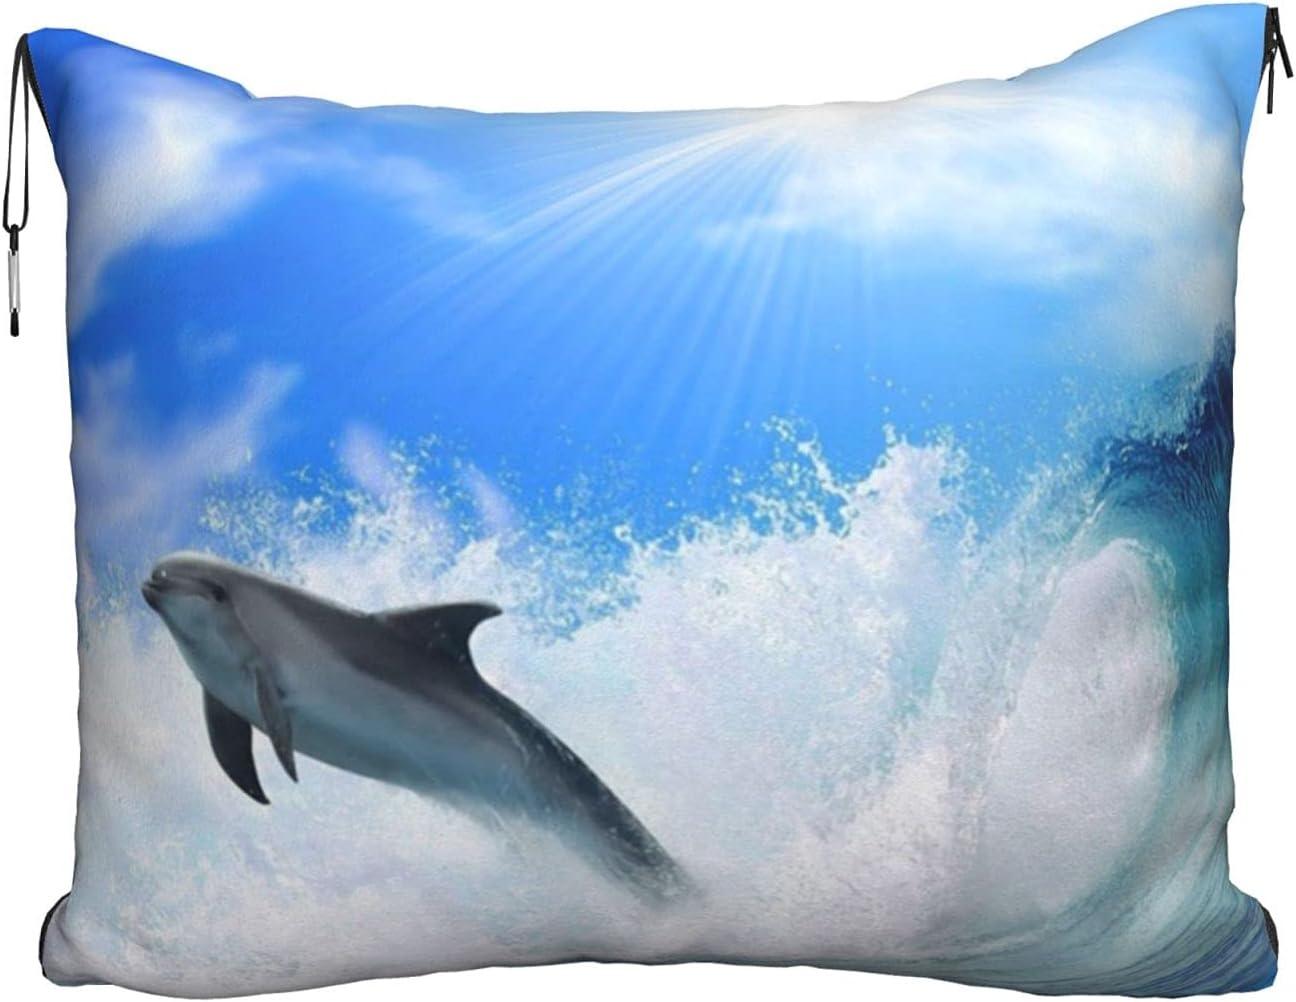 Cute Dolphin Printed Translated Travel Blanket Velvet Soft 2-in-1 Detroit Mall Pillow C